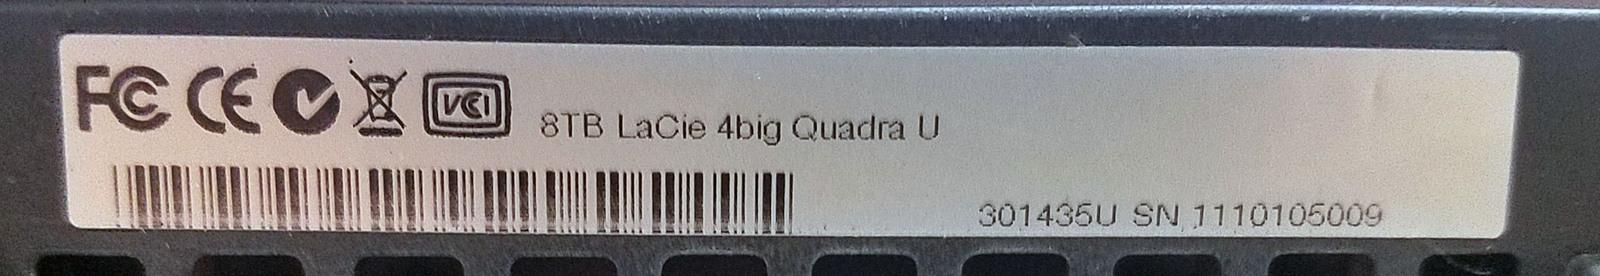 LaCie 4big Quadra Hard Drive Array 8TB (301435U) Bin:SF